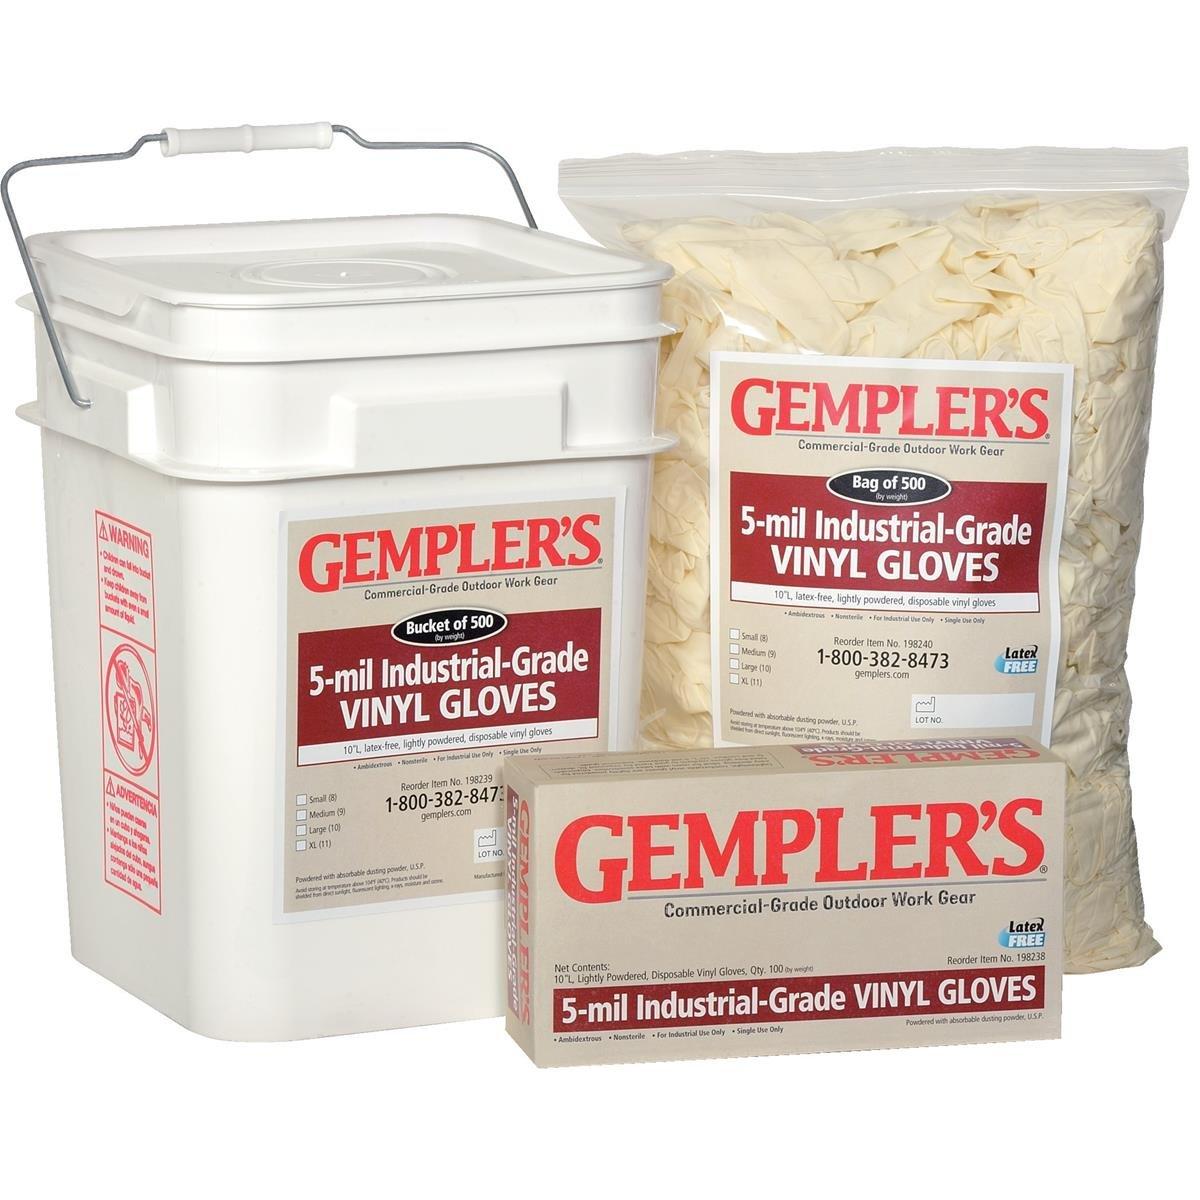 Gempler's 198239 5 Mil Vinyl Gloves, Size Large, Bucket Of 500 by GEMPLER'S